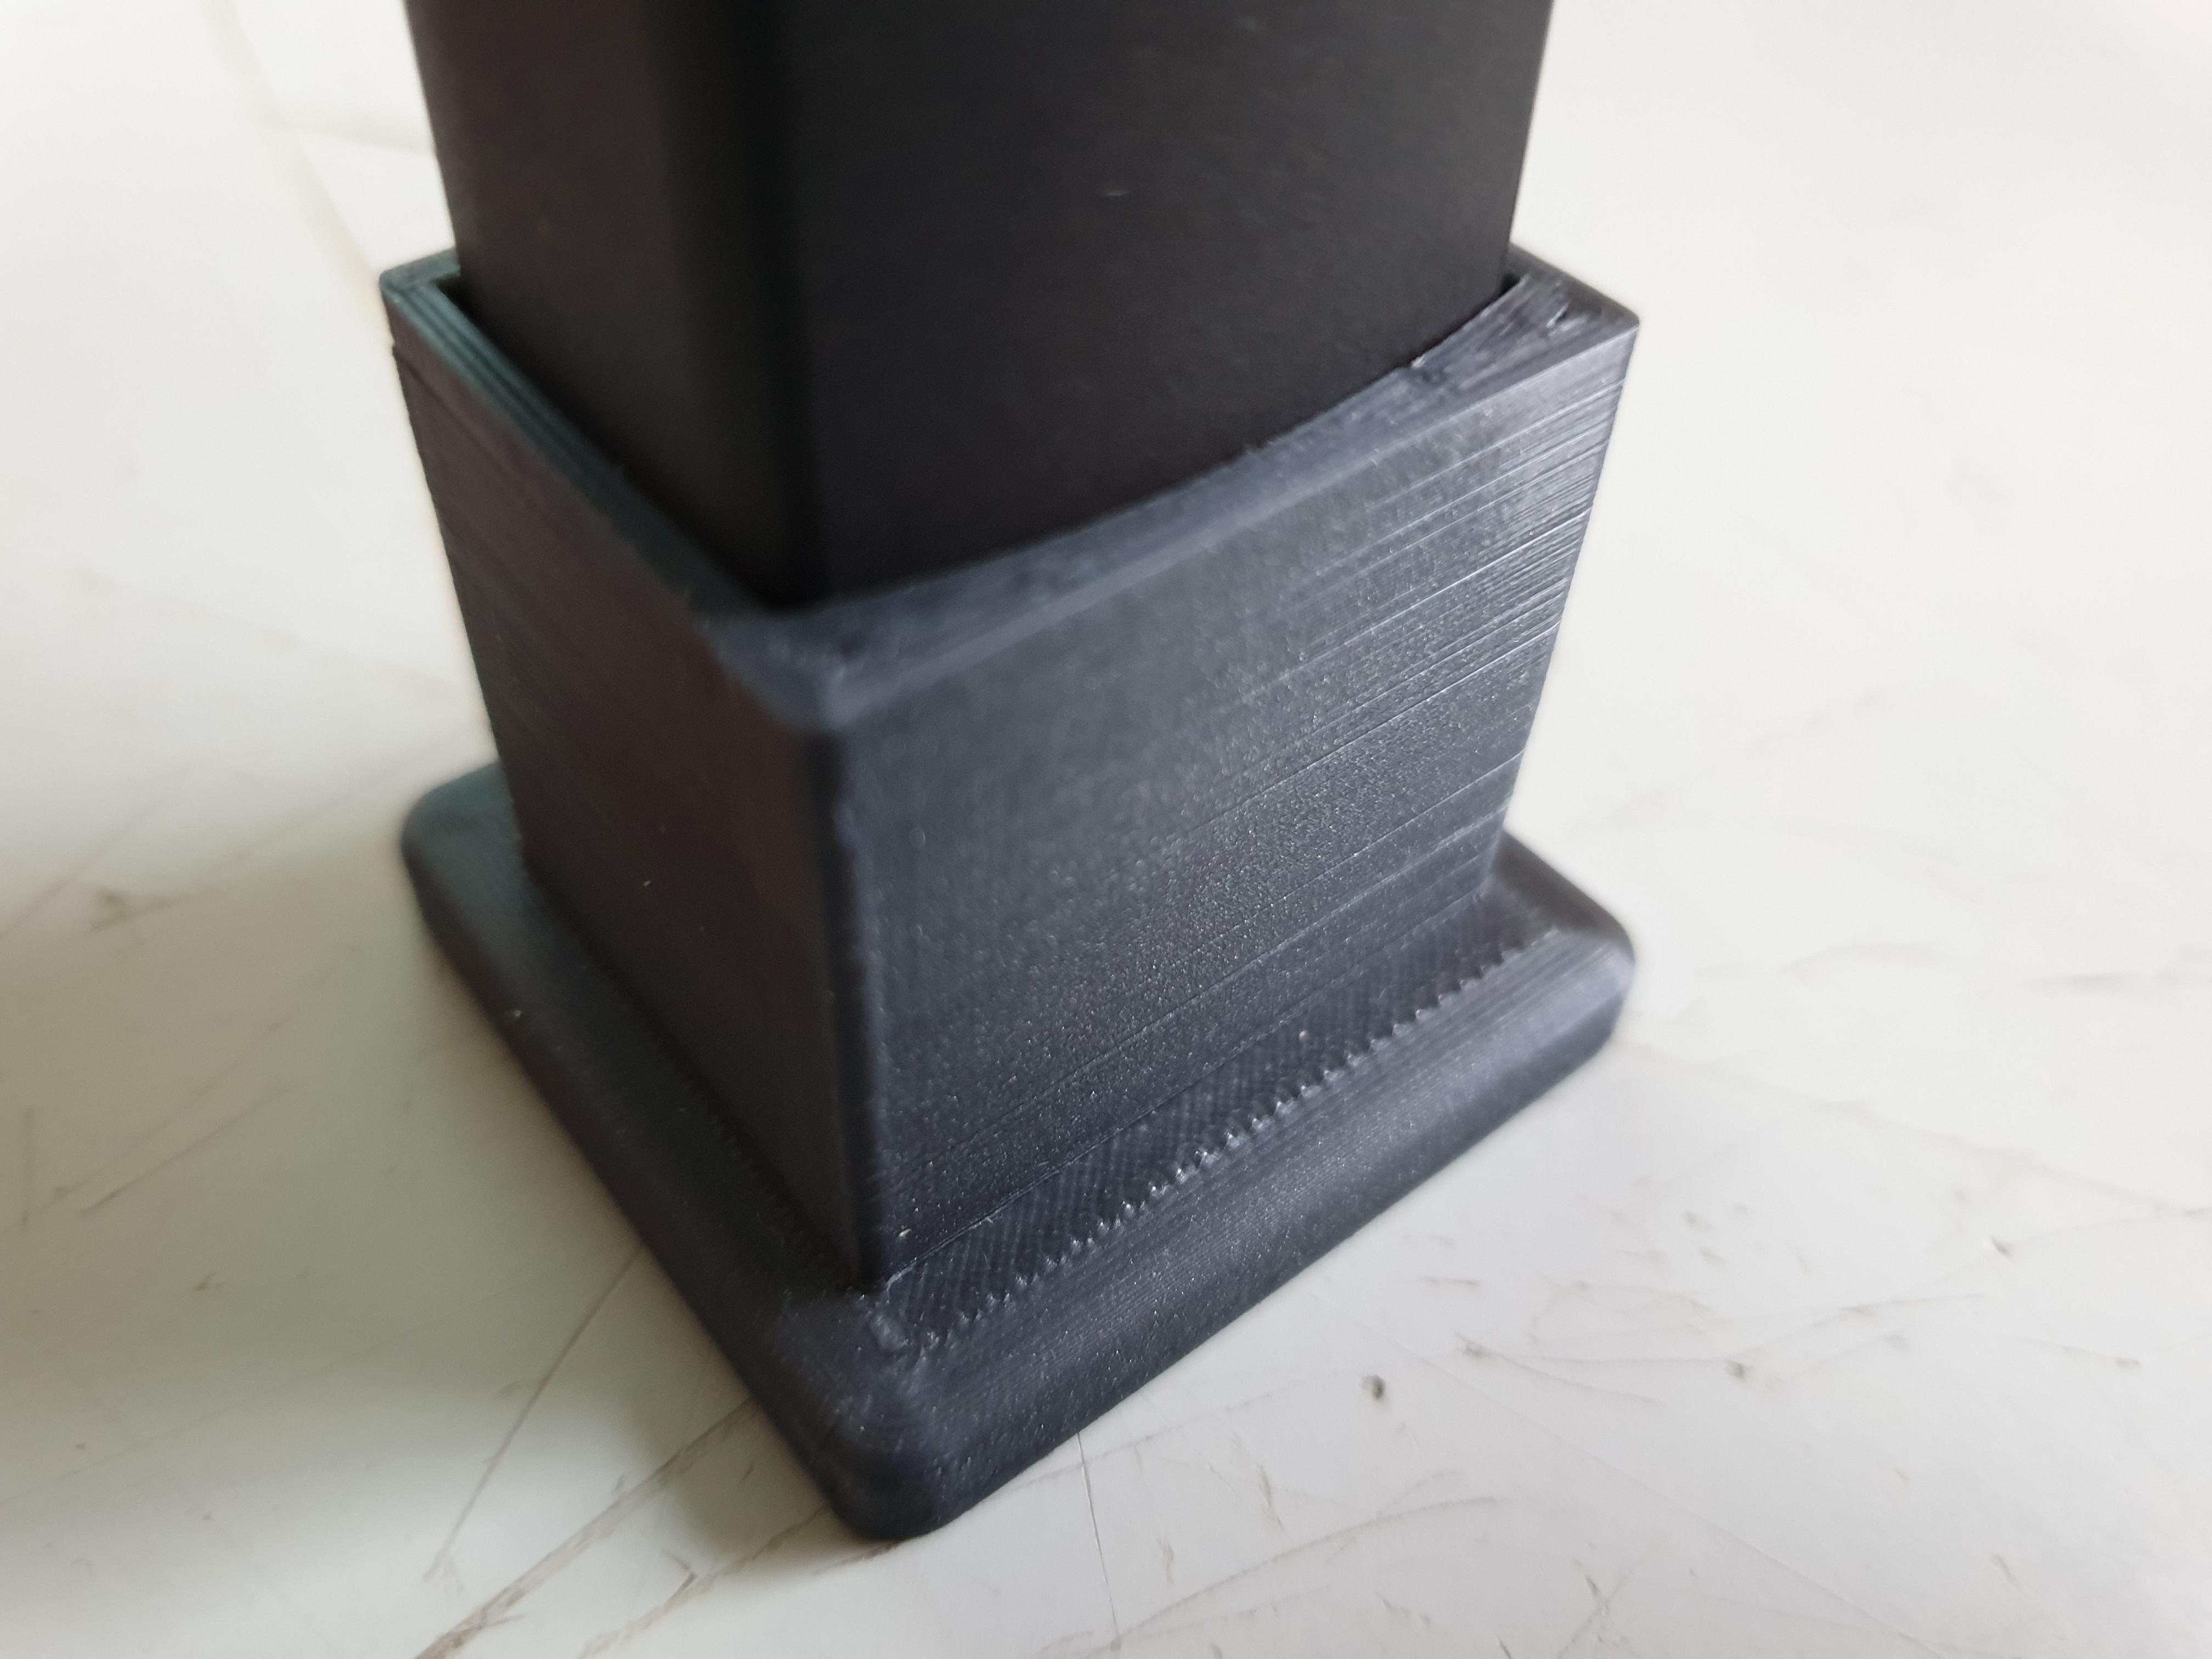 20200216_164539.jpg Download free STL file DJI Osmo Pocket Stand • 3D print design, helmuteder